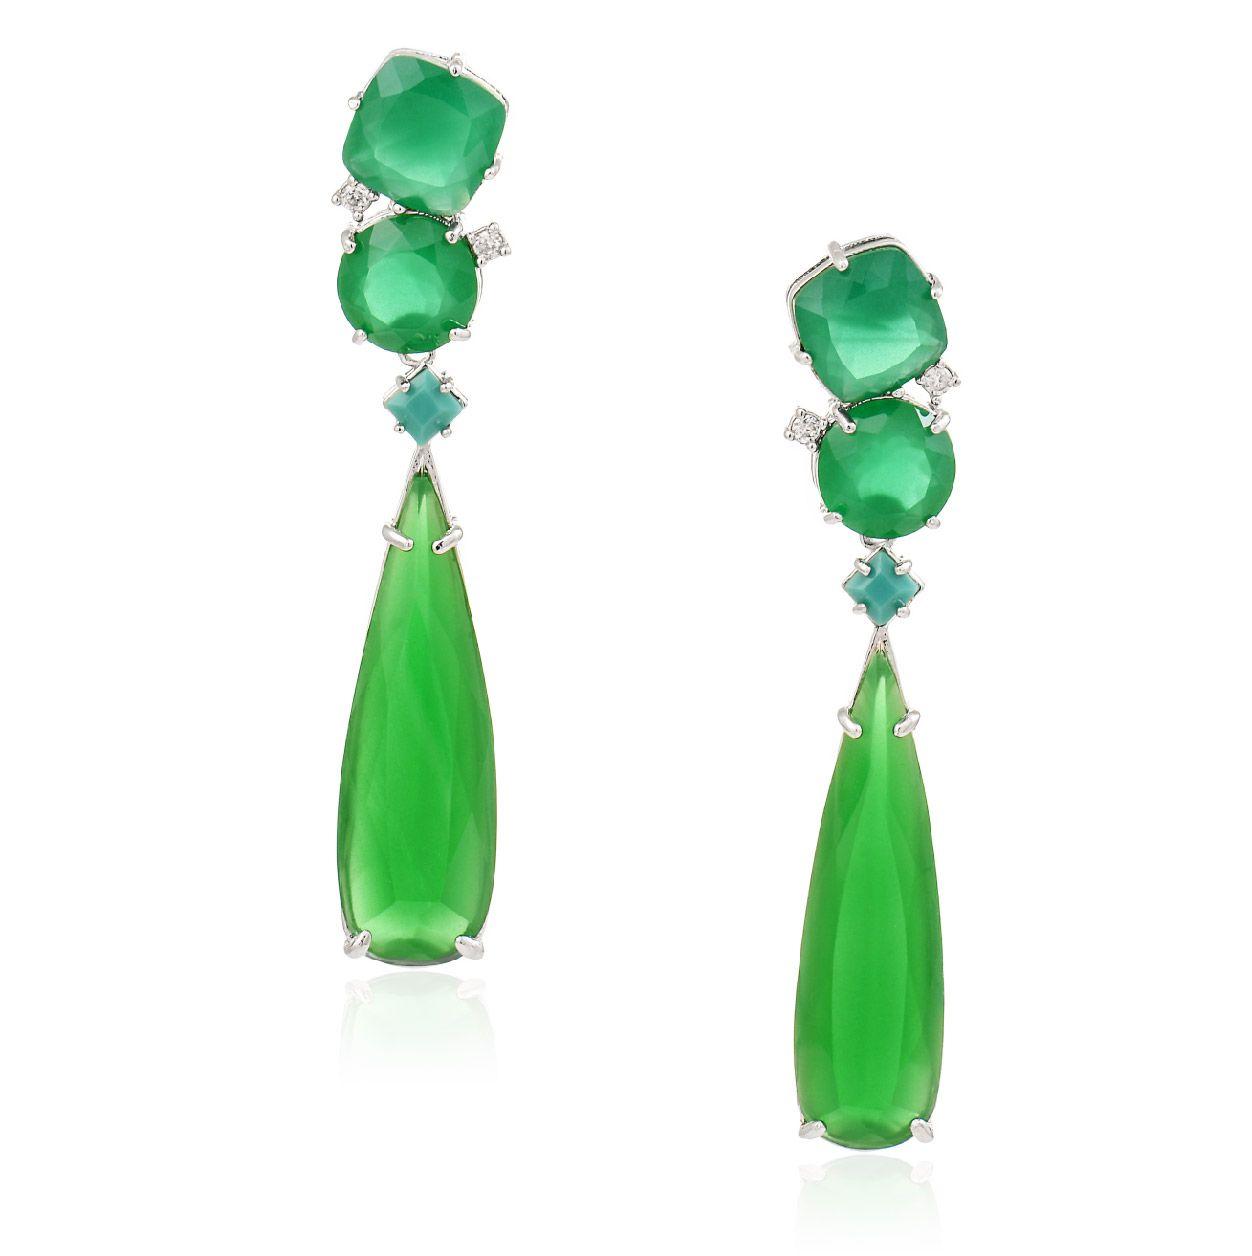 Brinco Látassa jade verde e turquesa, folheado no ródio branco.